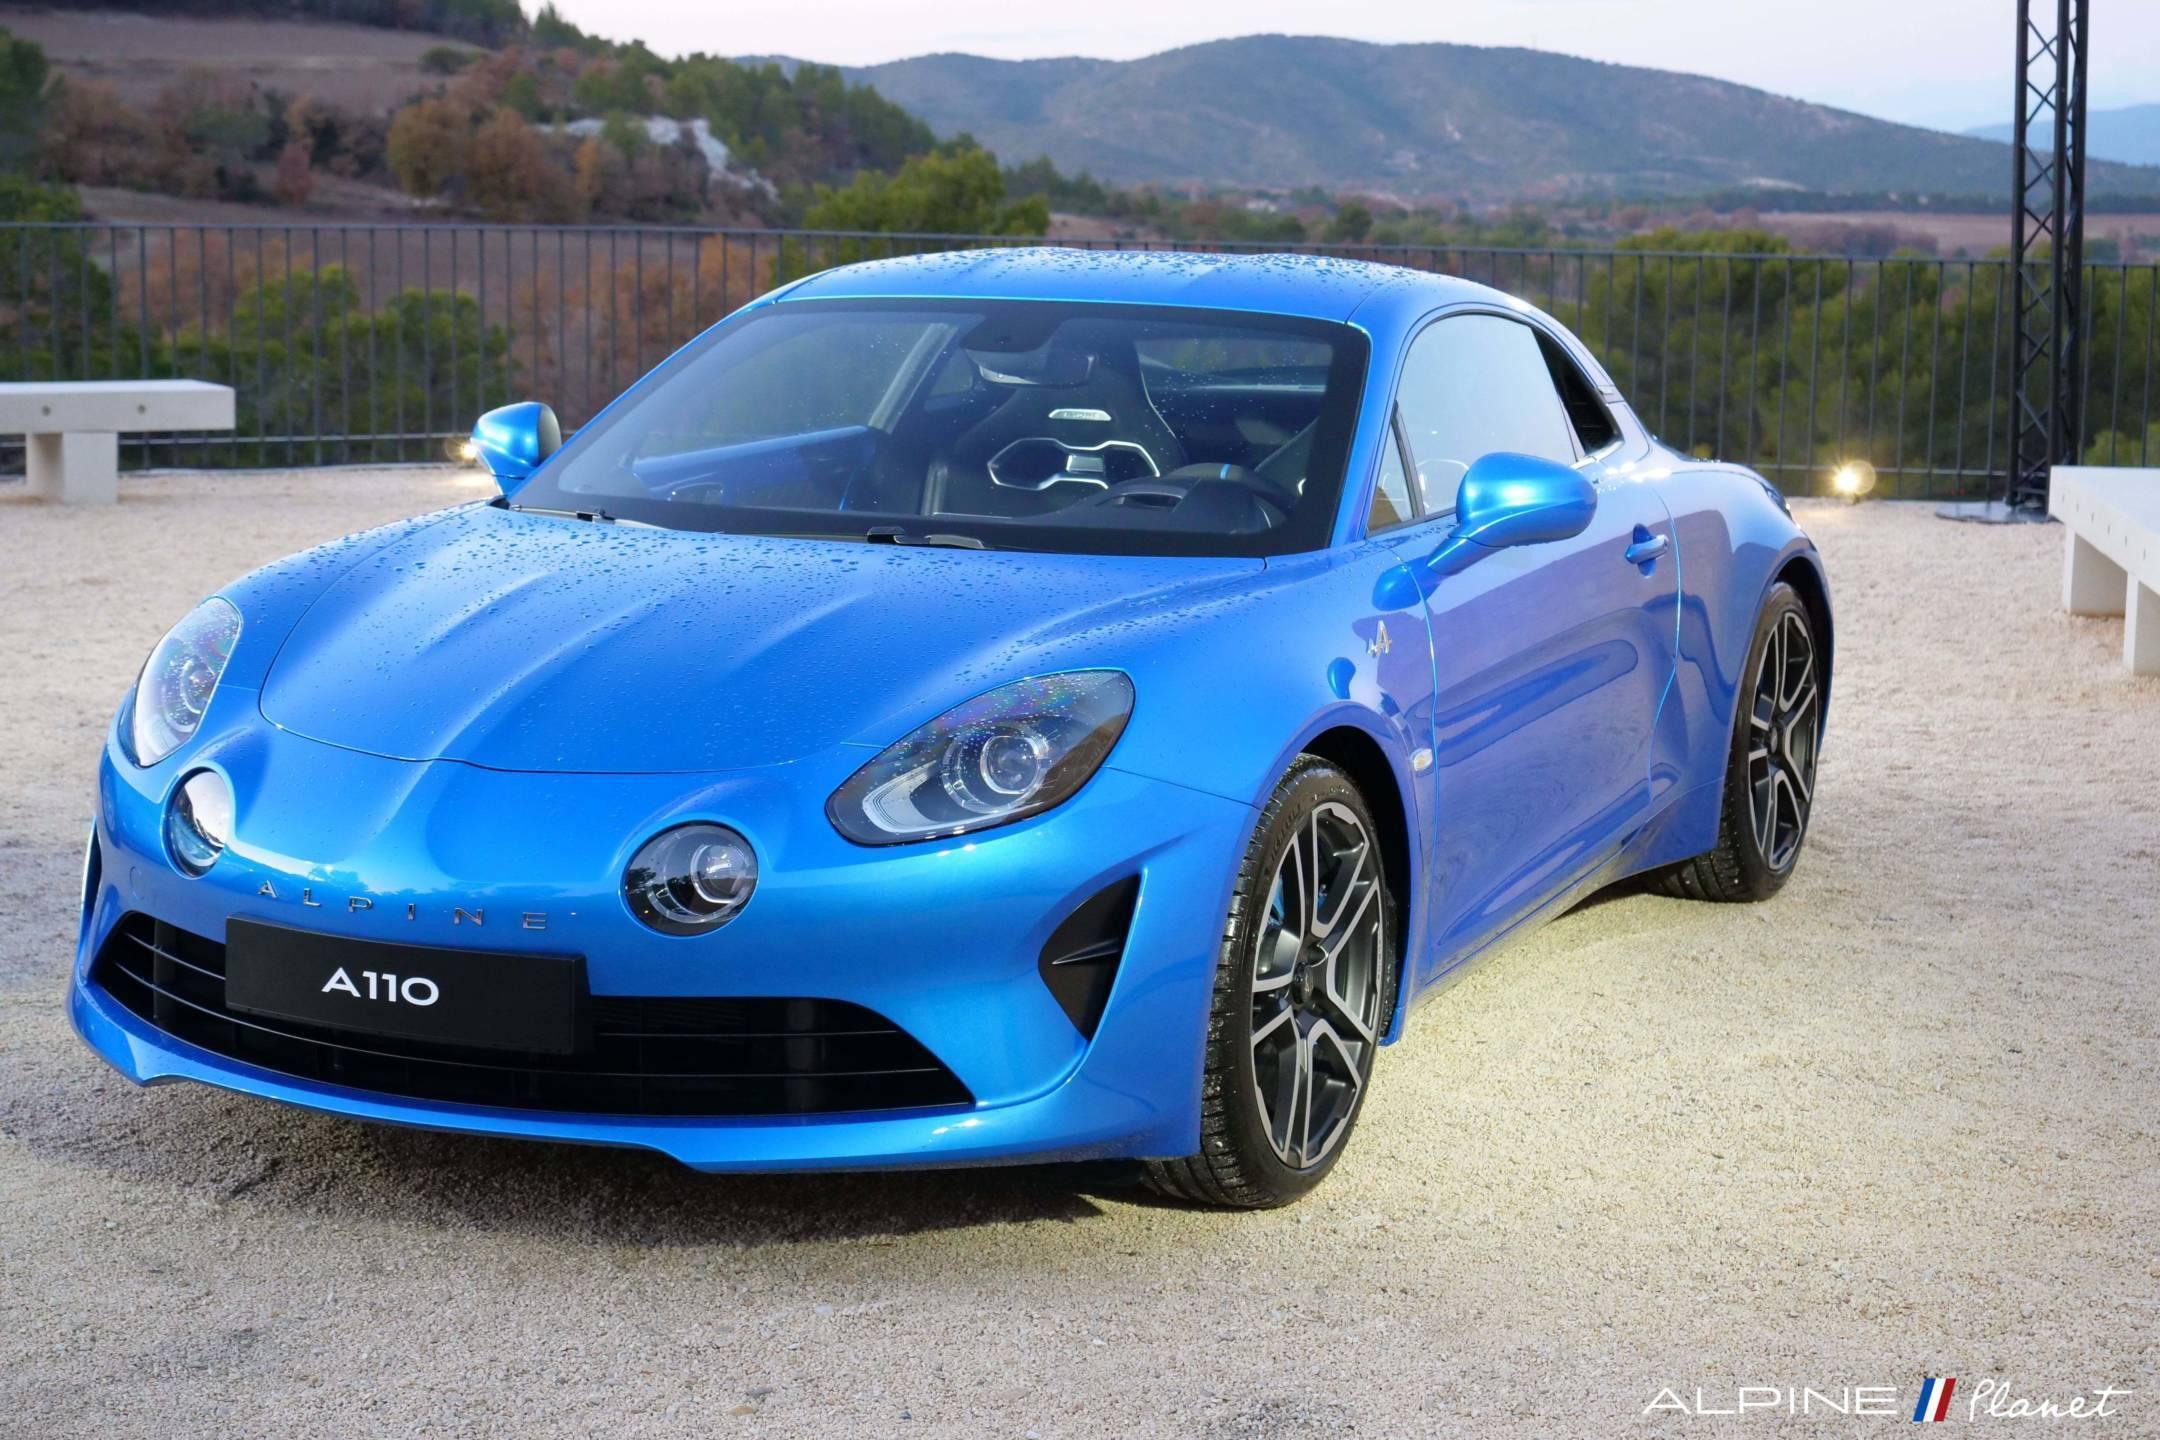 Alpine Planet Test Drive Static 13 - Notre essai de la nouvelle Alpine A110 sur route !